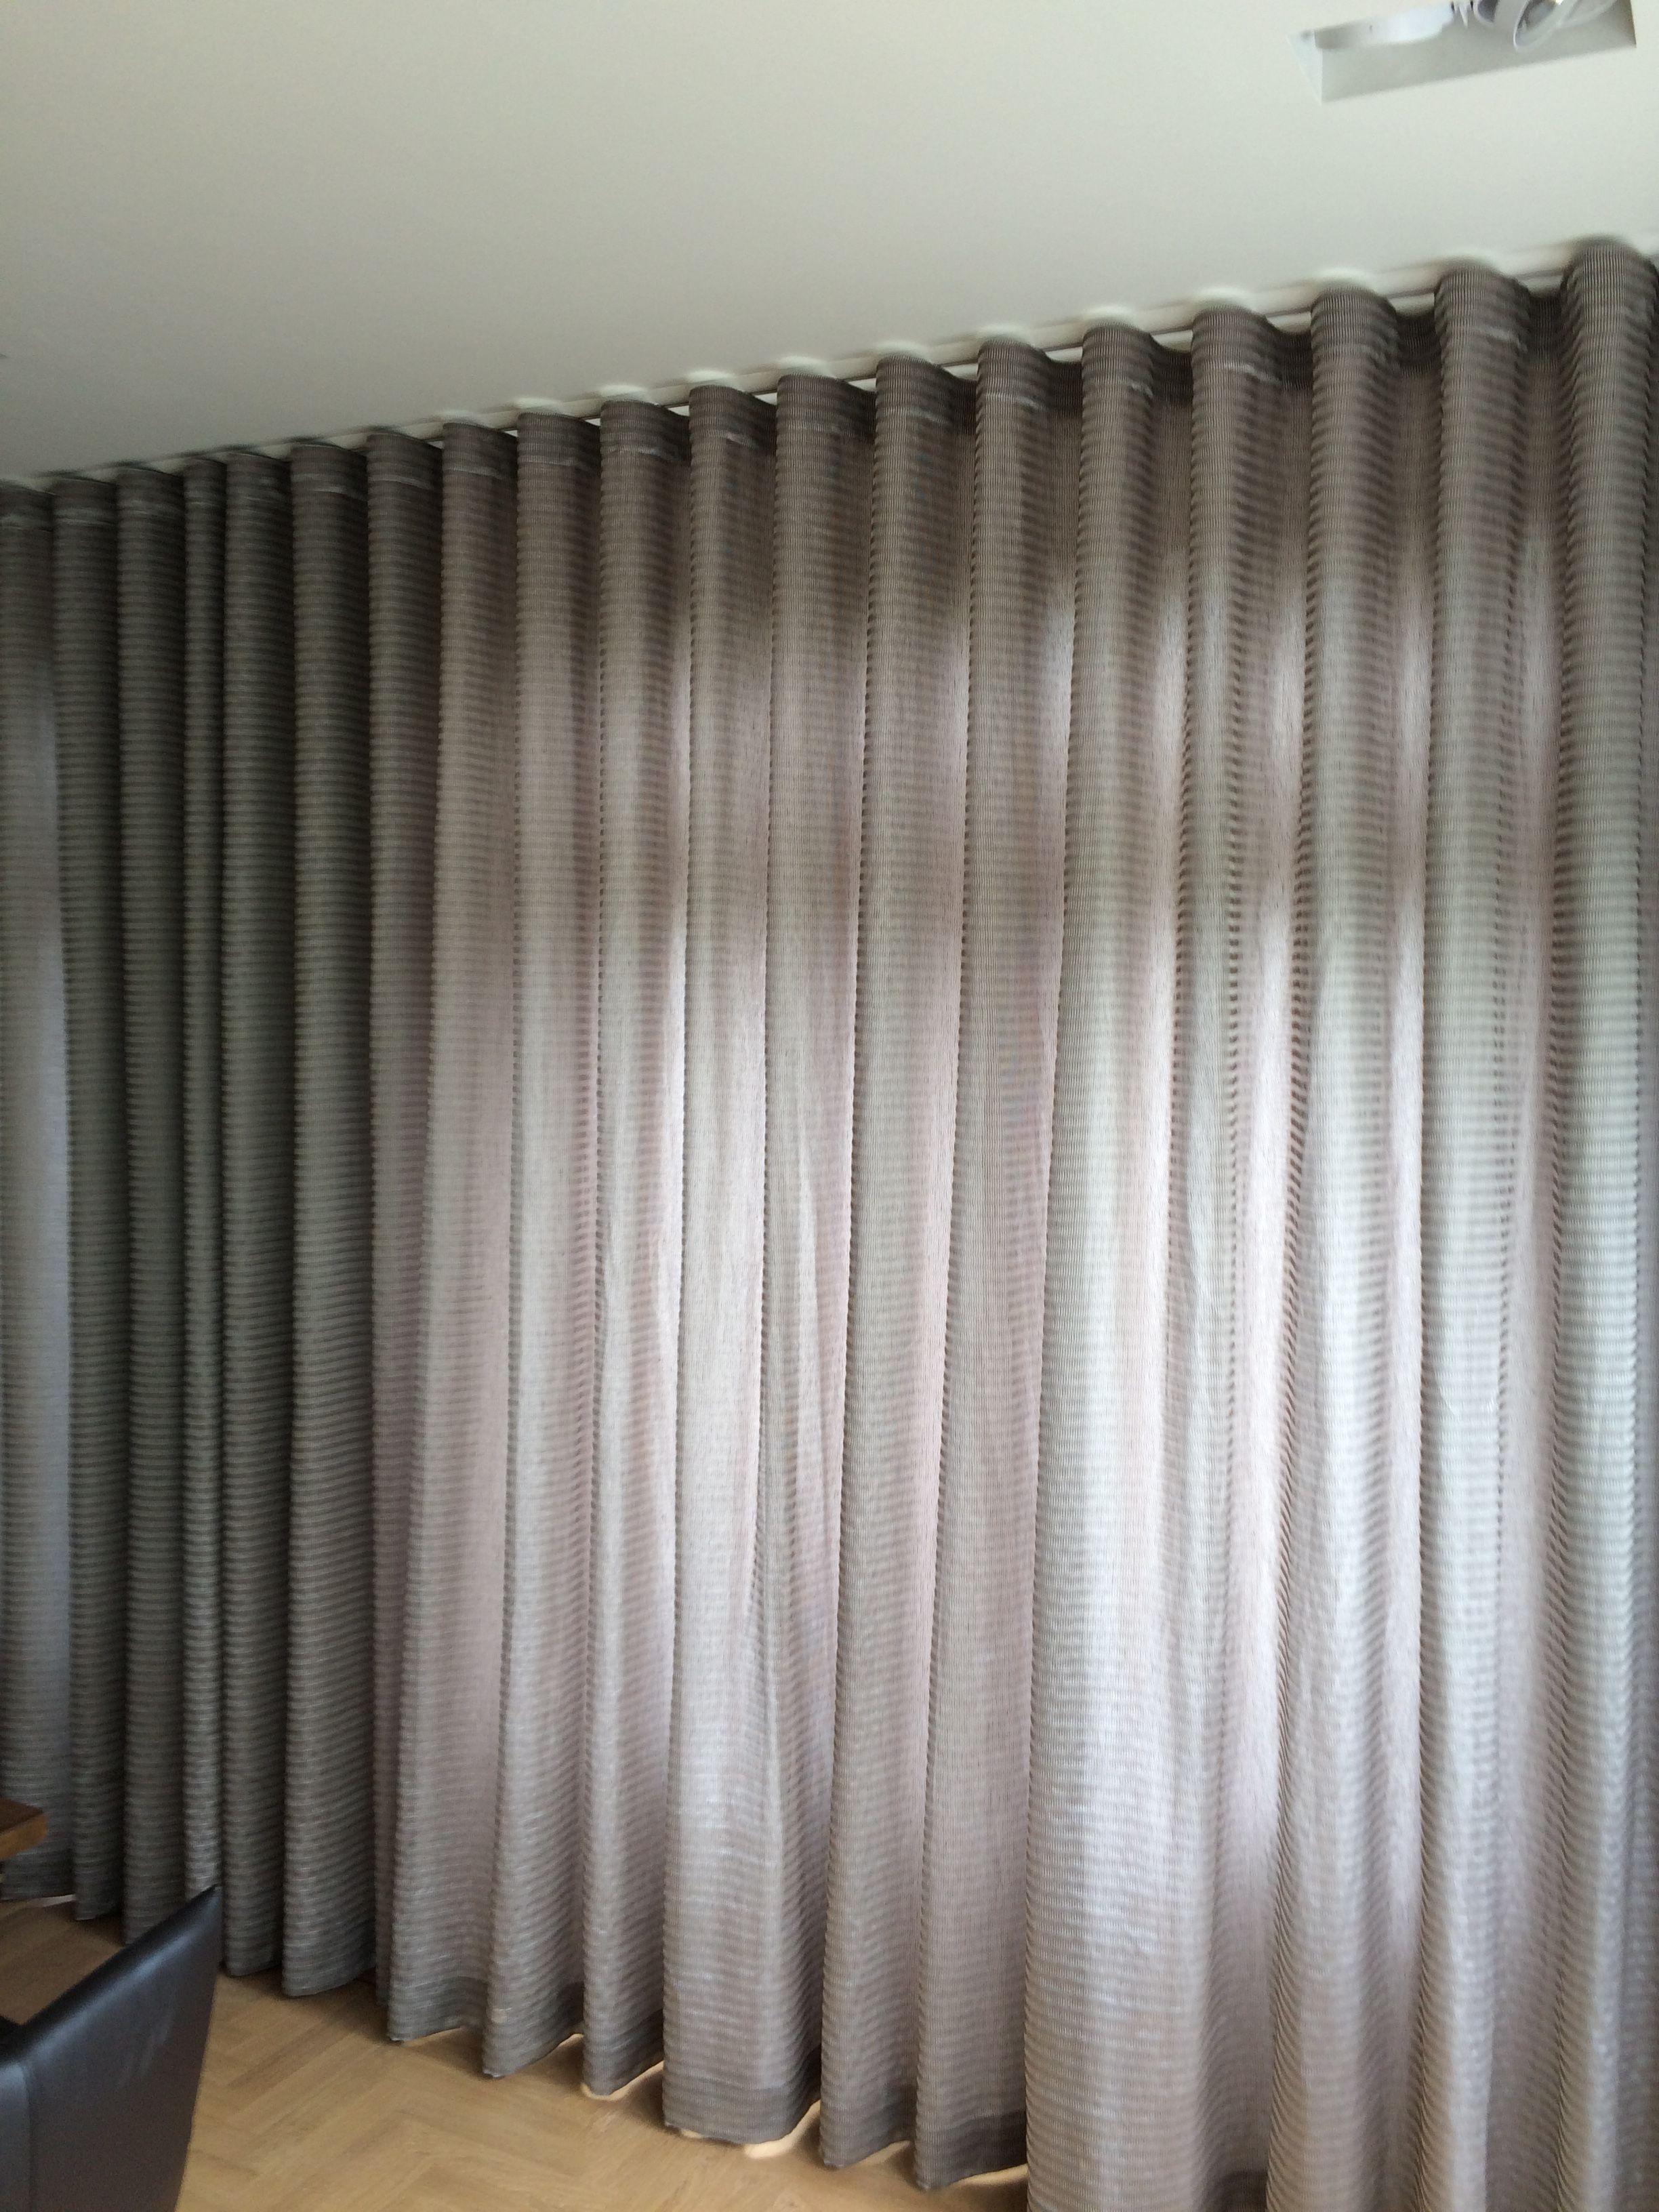 gordijnen kamer hoog soepel vallende stof waardoor geschikt voor confectie wave gordijnen